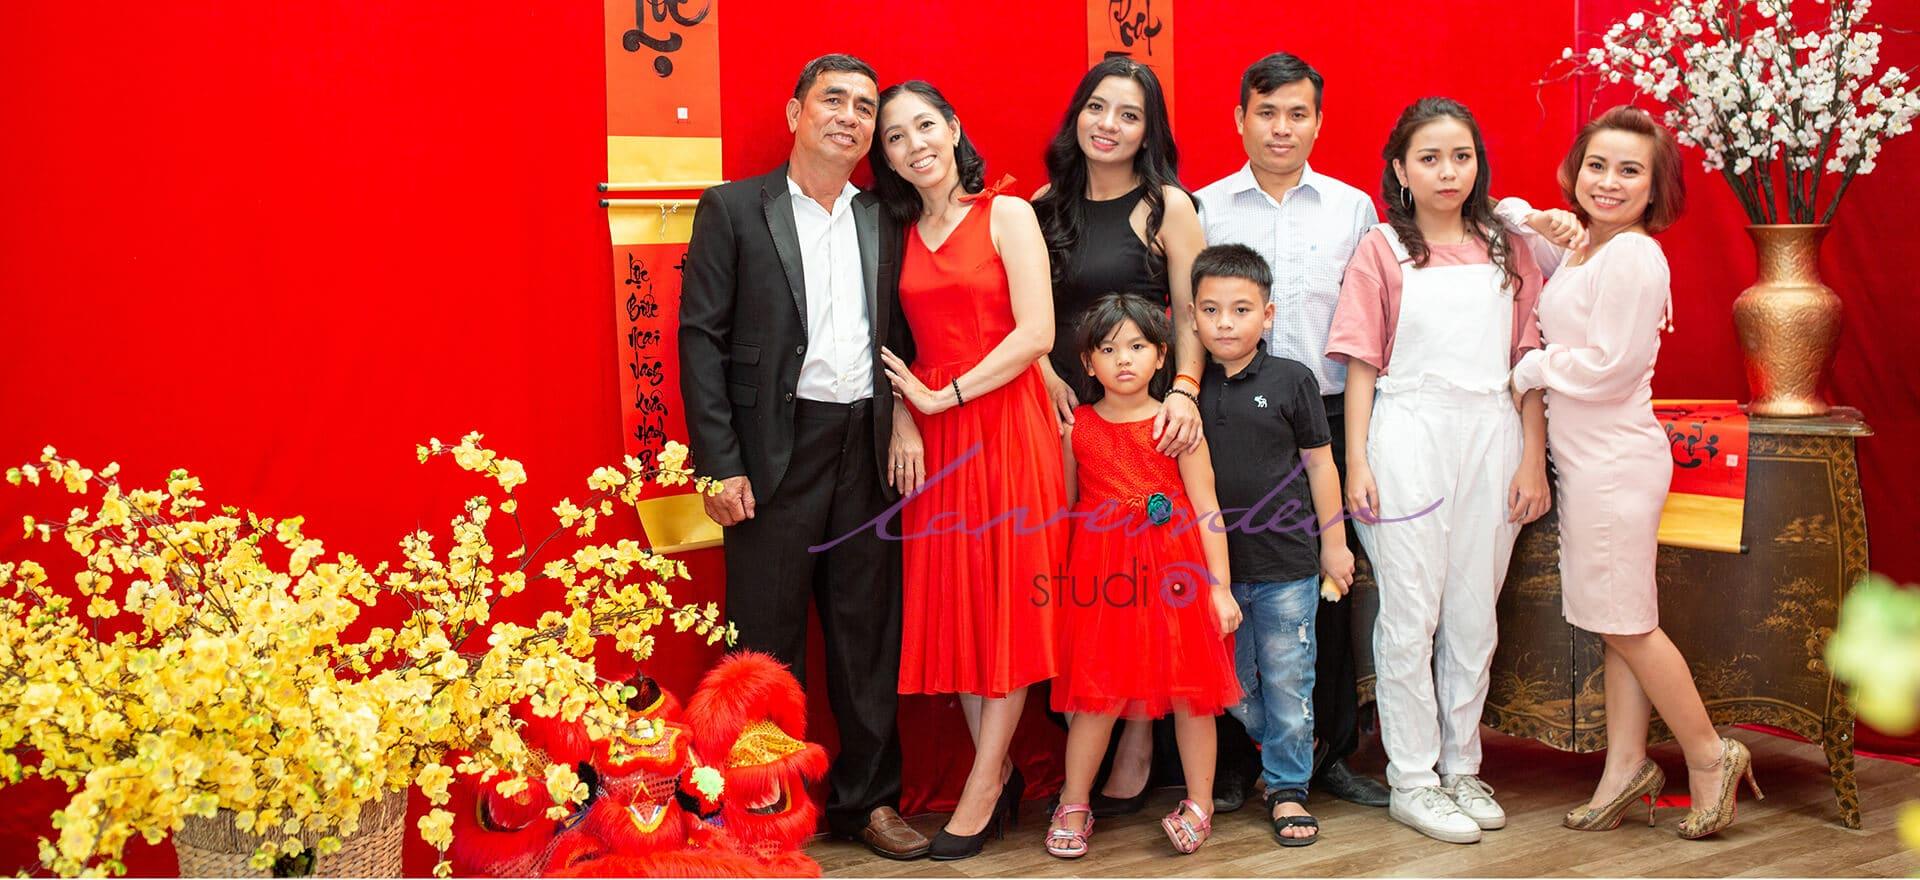 địa chỉ chụp ảnh gia đình đẹp tại Tp Hồ chí Minh